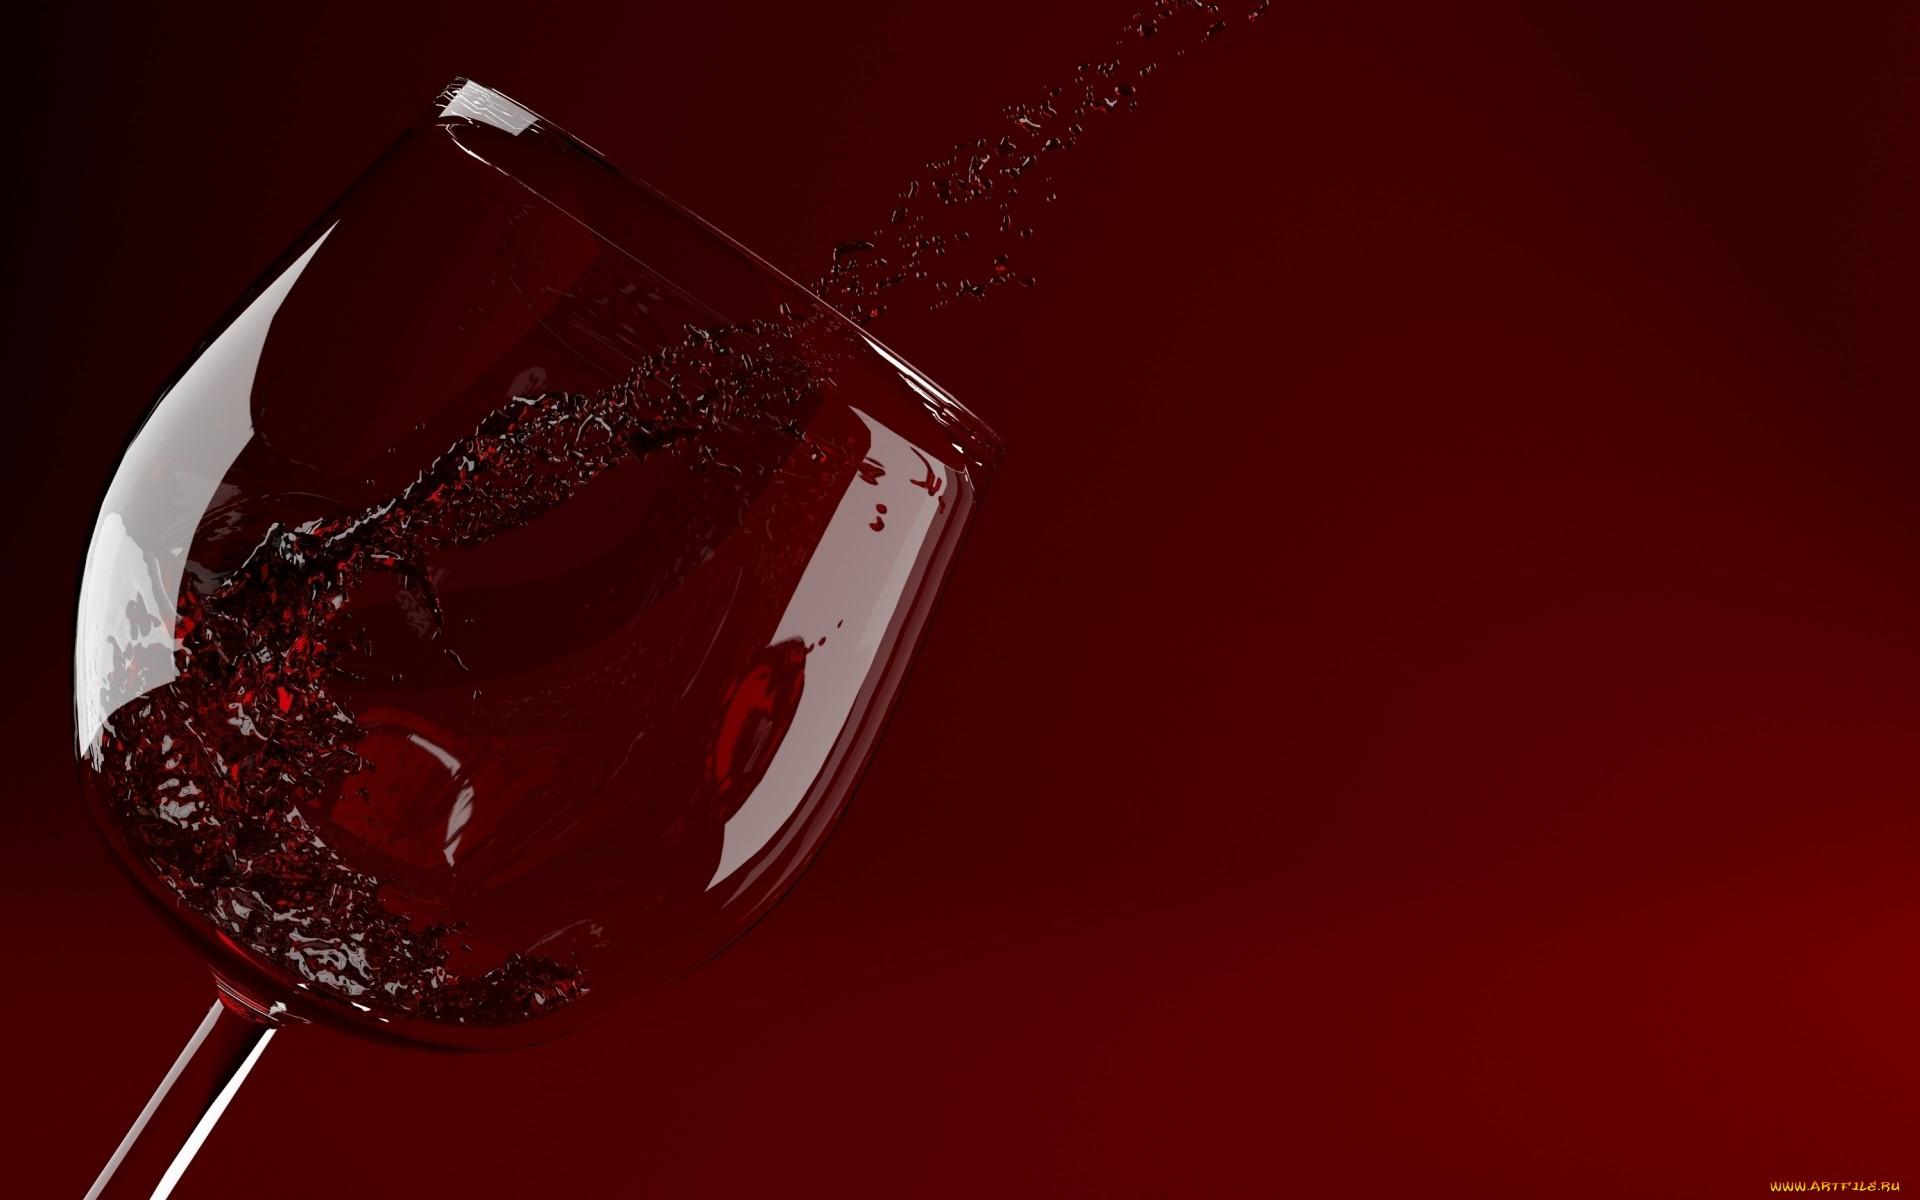 Wine Computer Wallpapers, Desktop Backgrounds | 1920x1200 ...